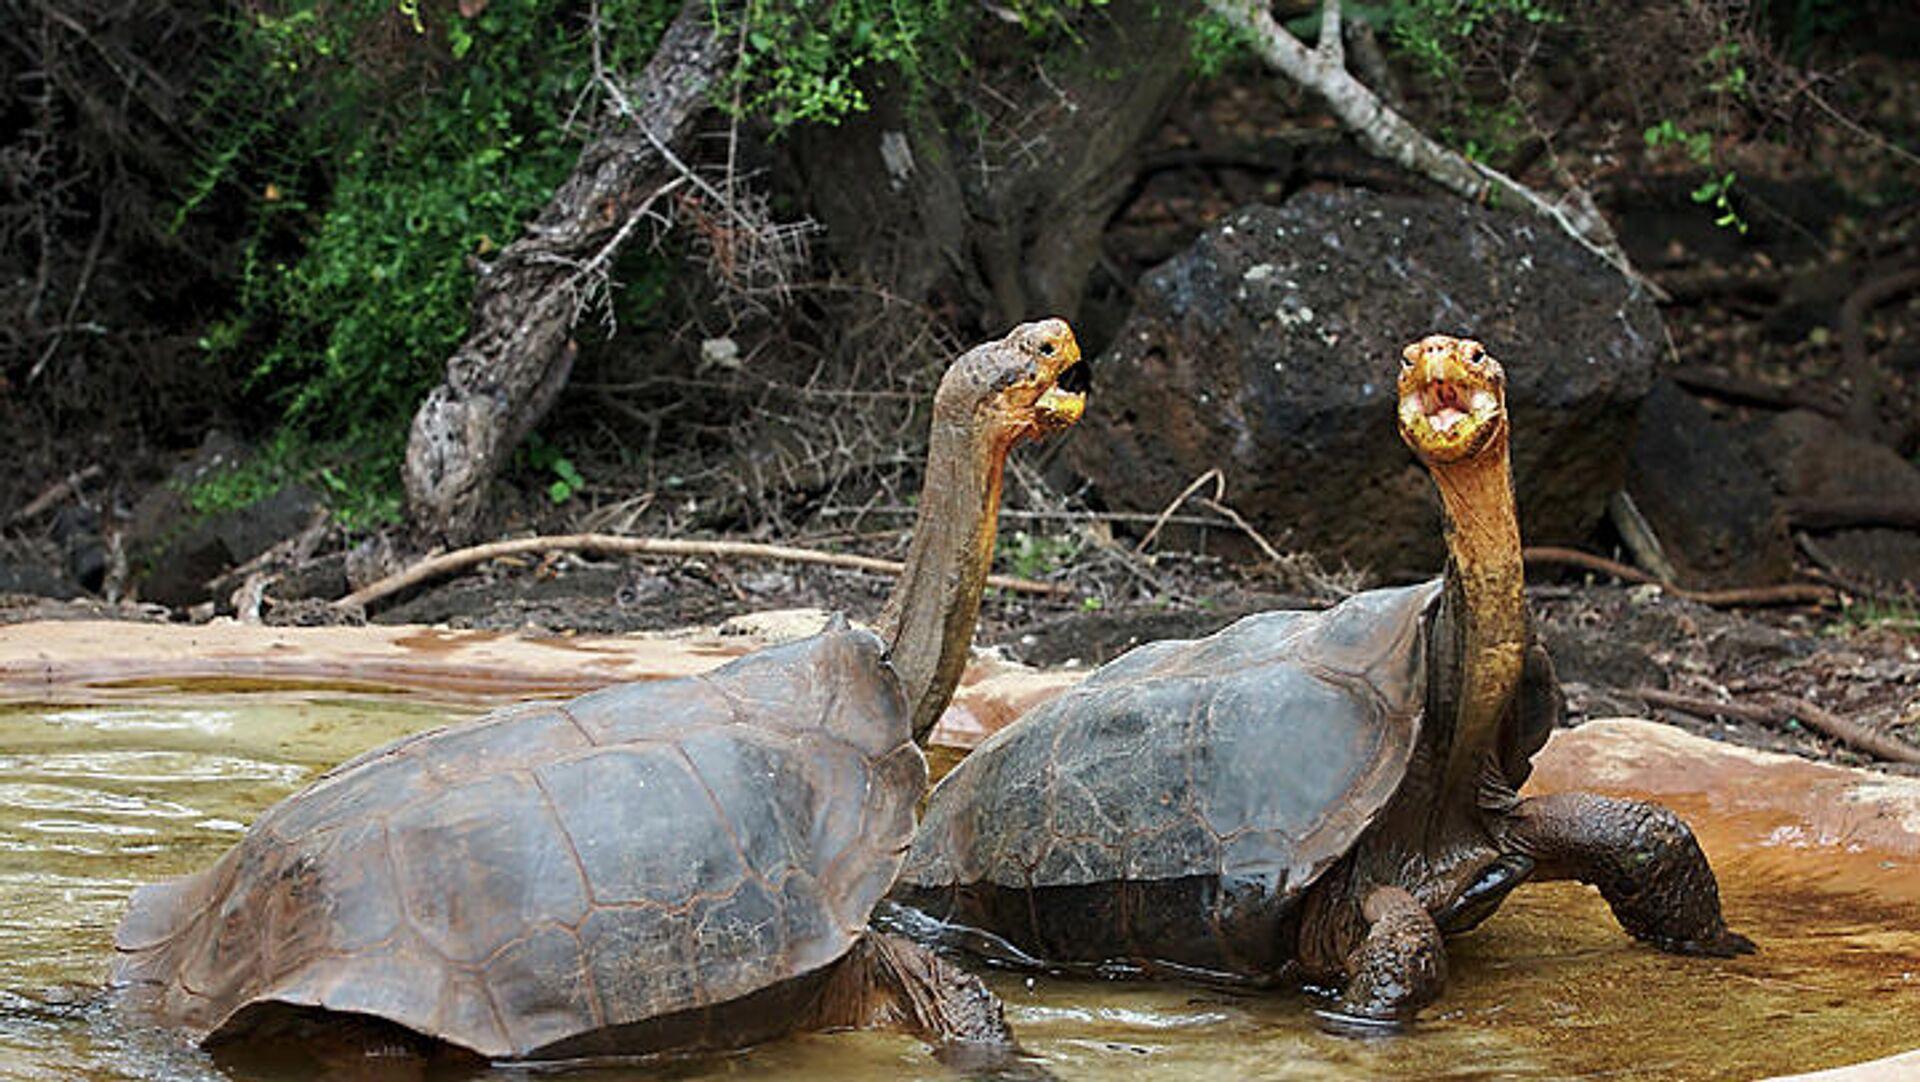 Tortugas de la especie Chelonoidis hoodensis - Sputnik Mundo, 1920, 03.03.2021